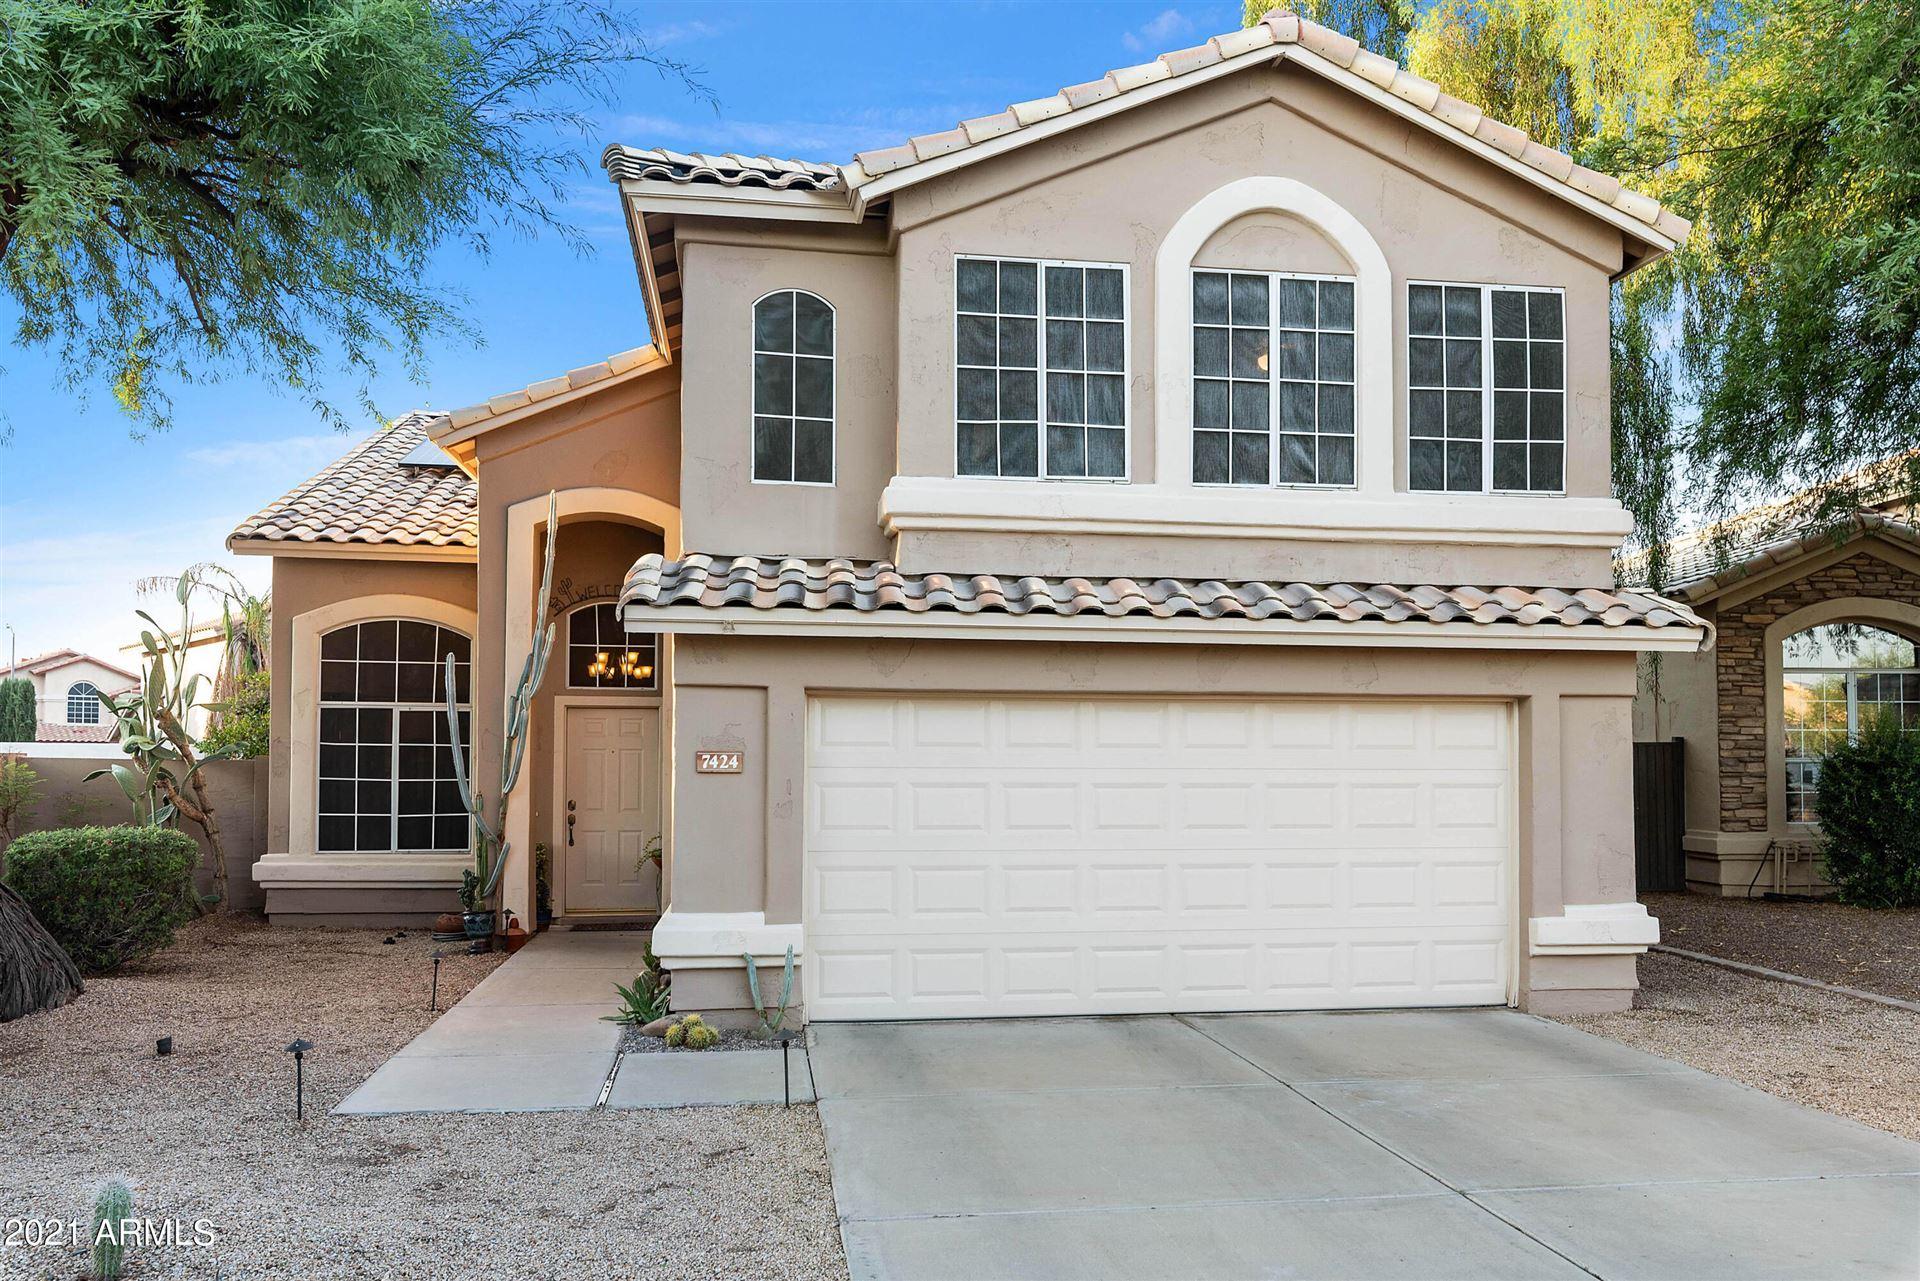 7424 W CREST Lane, Glendale, AZ 85310 - MLS#: 6267160